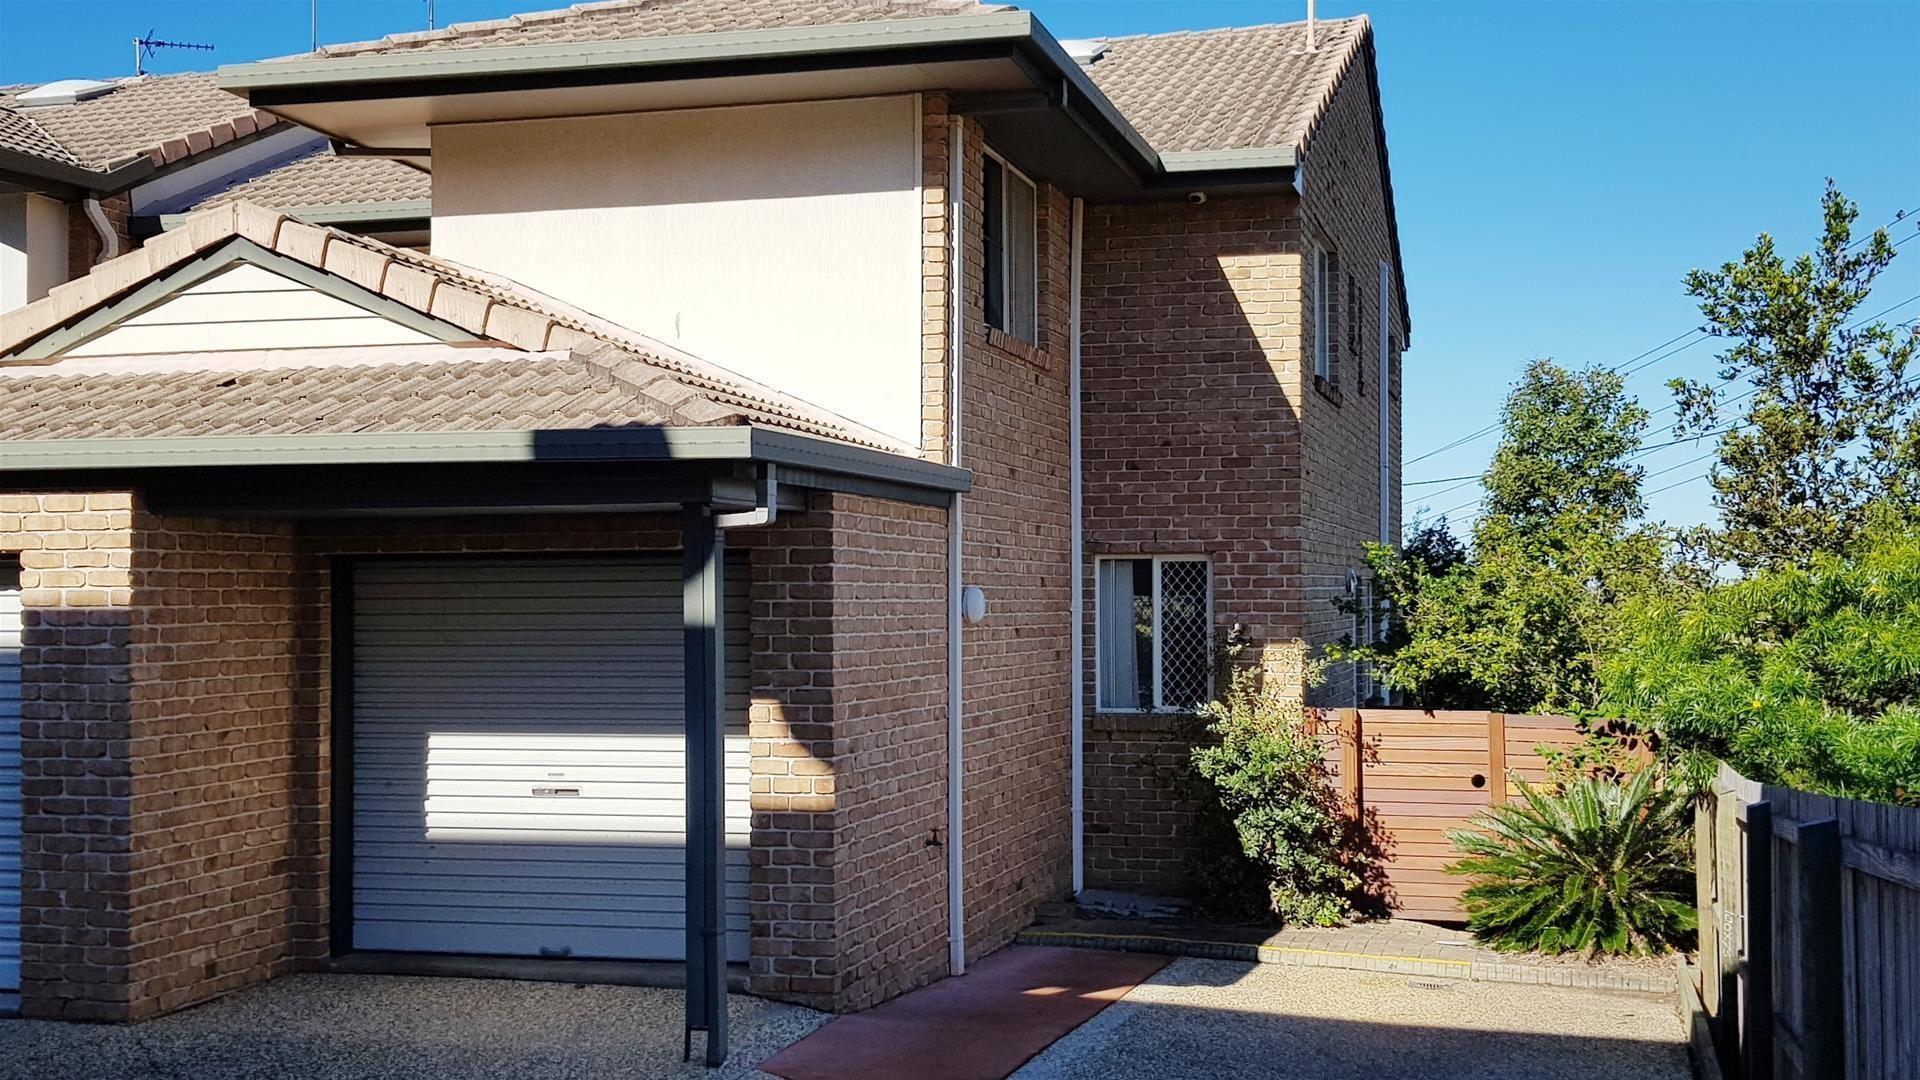 10/33 Marjorie Street, Mooloolaba QLD 4557, Image 0